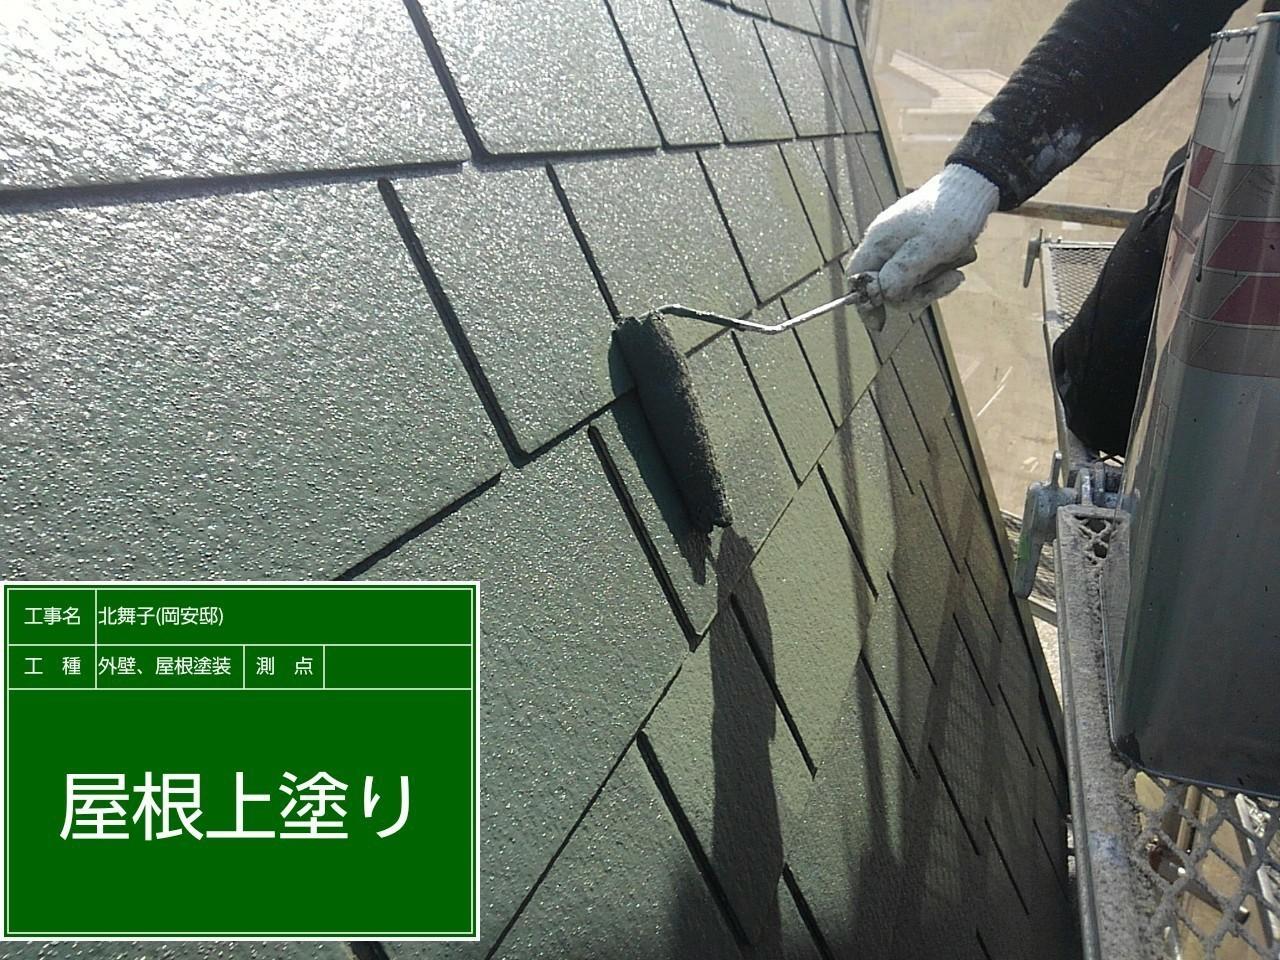 神戸市垂水区での外壁塗装工事でスレート部分を上塗りしている様子